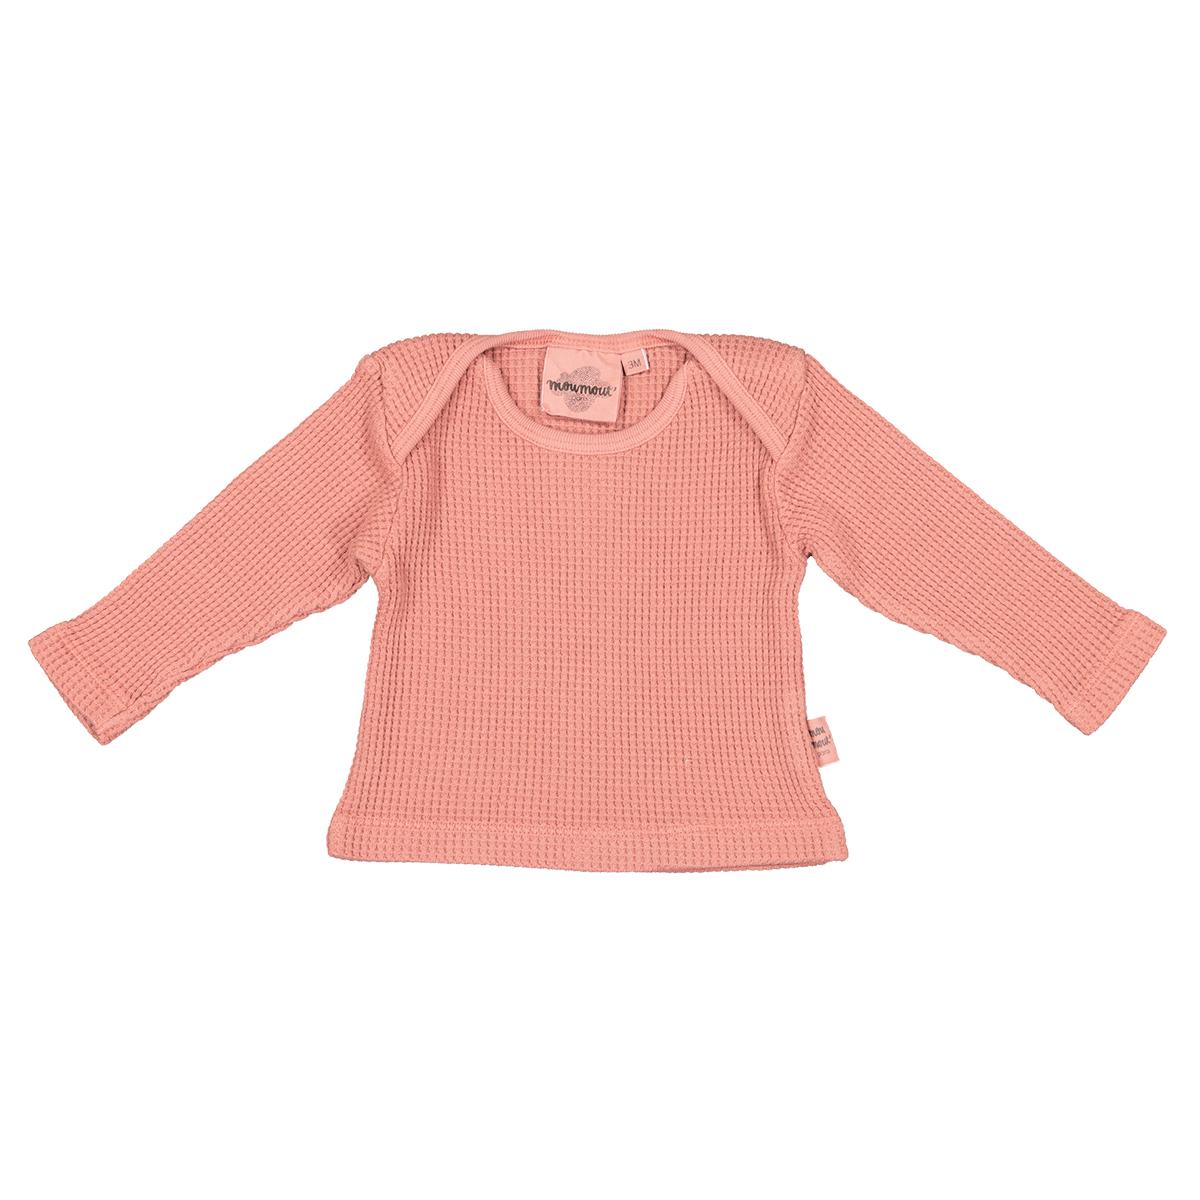 Haut bébé Tee-shirt Mü Bee Terracotta - 2 Ans Tee-shirt Mü Bee Terracotta - 2 Ans